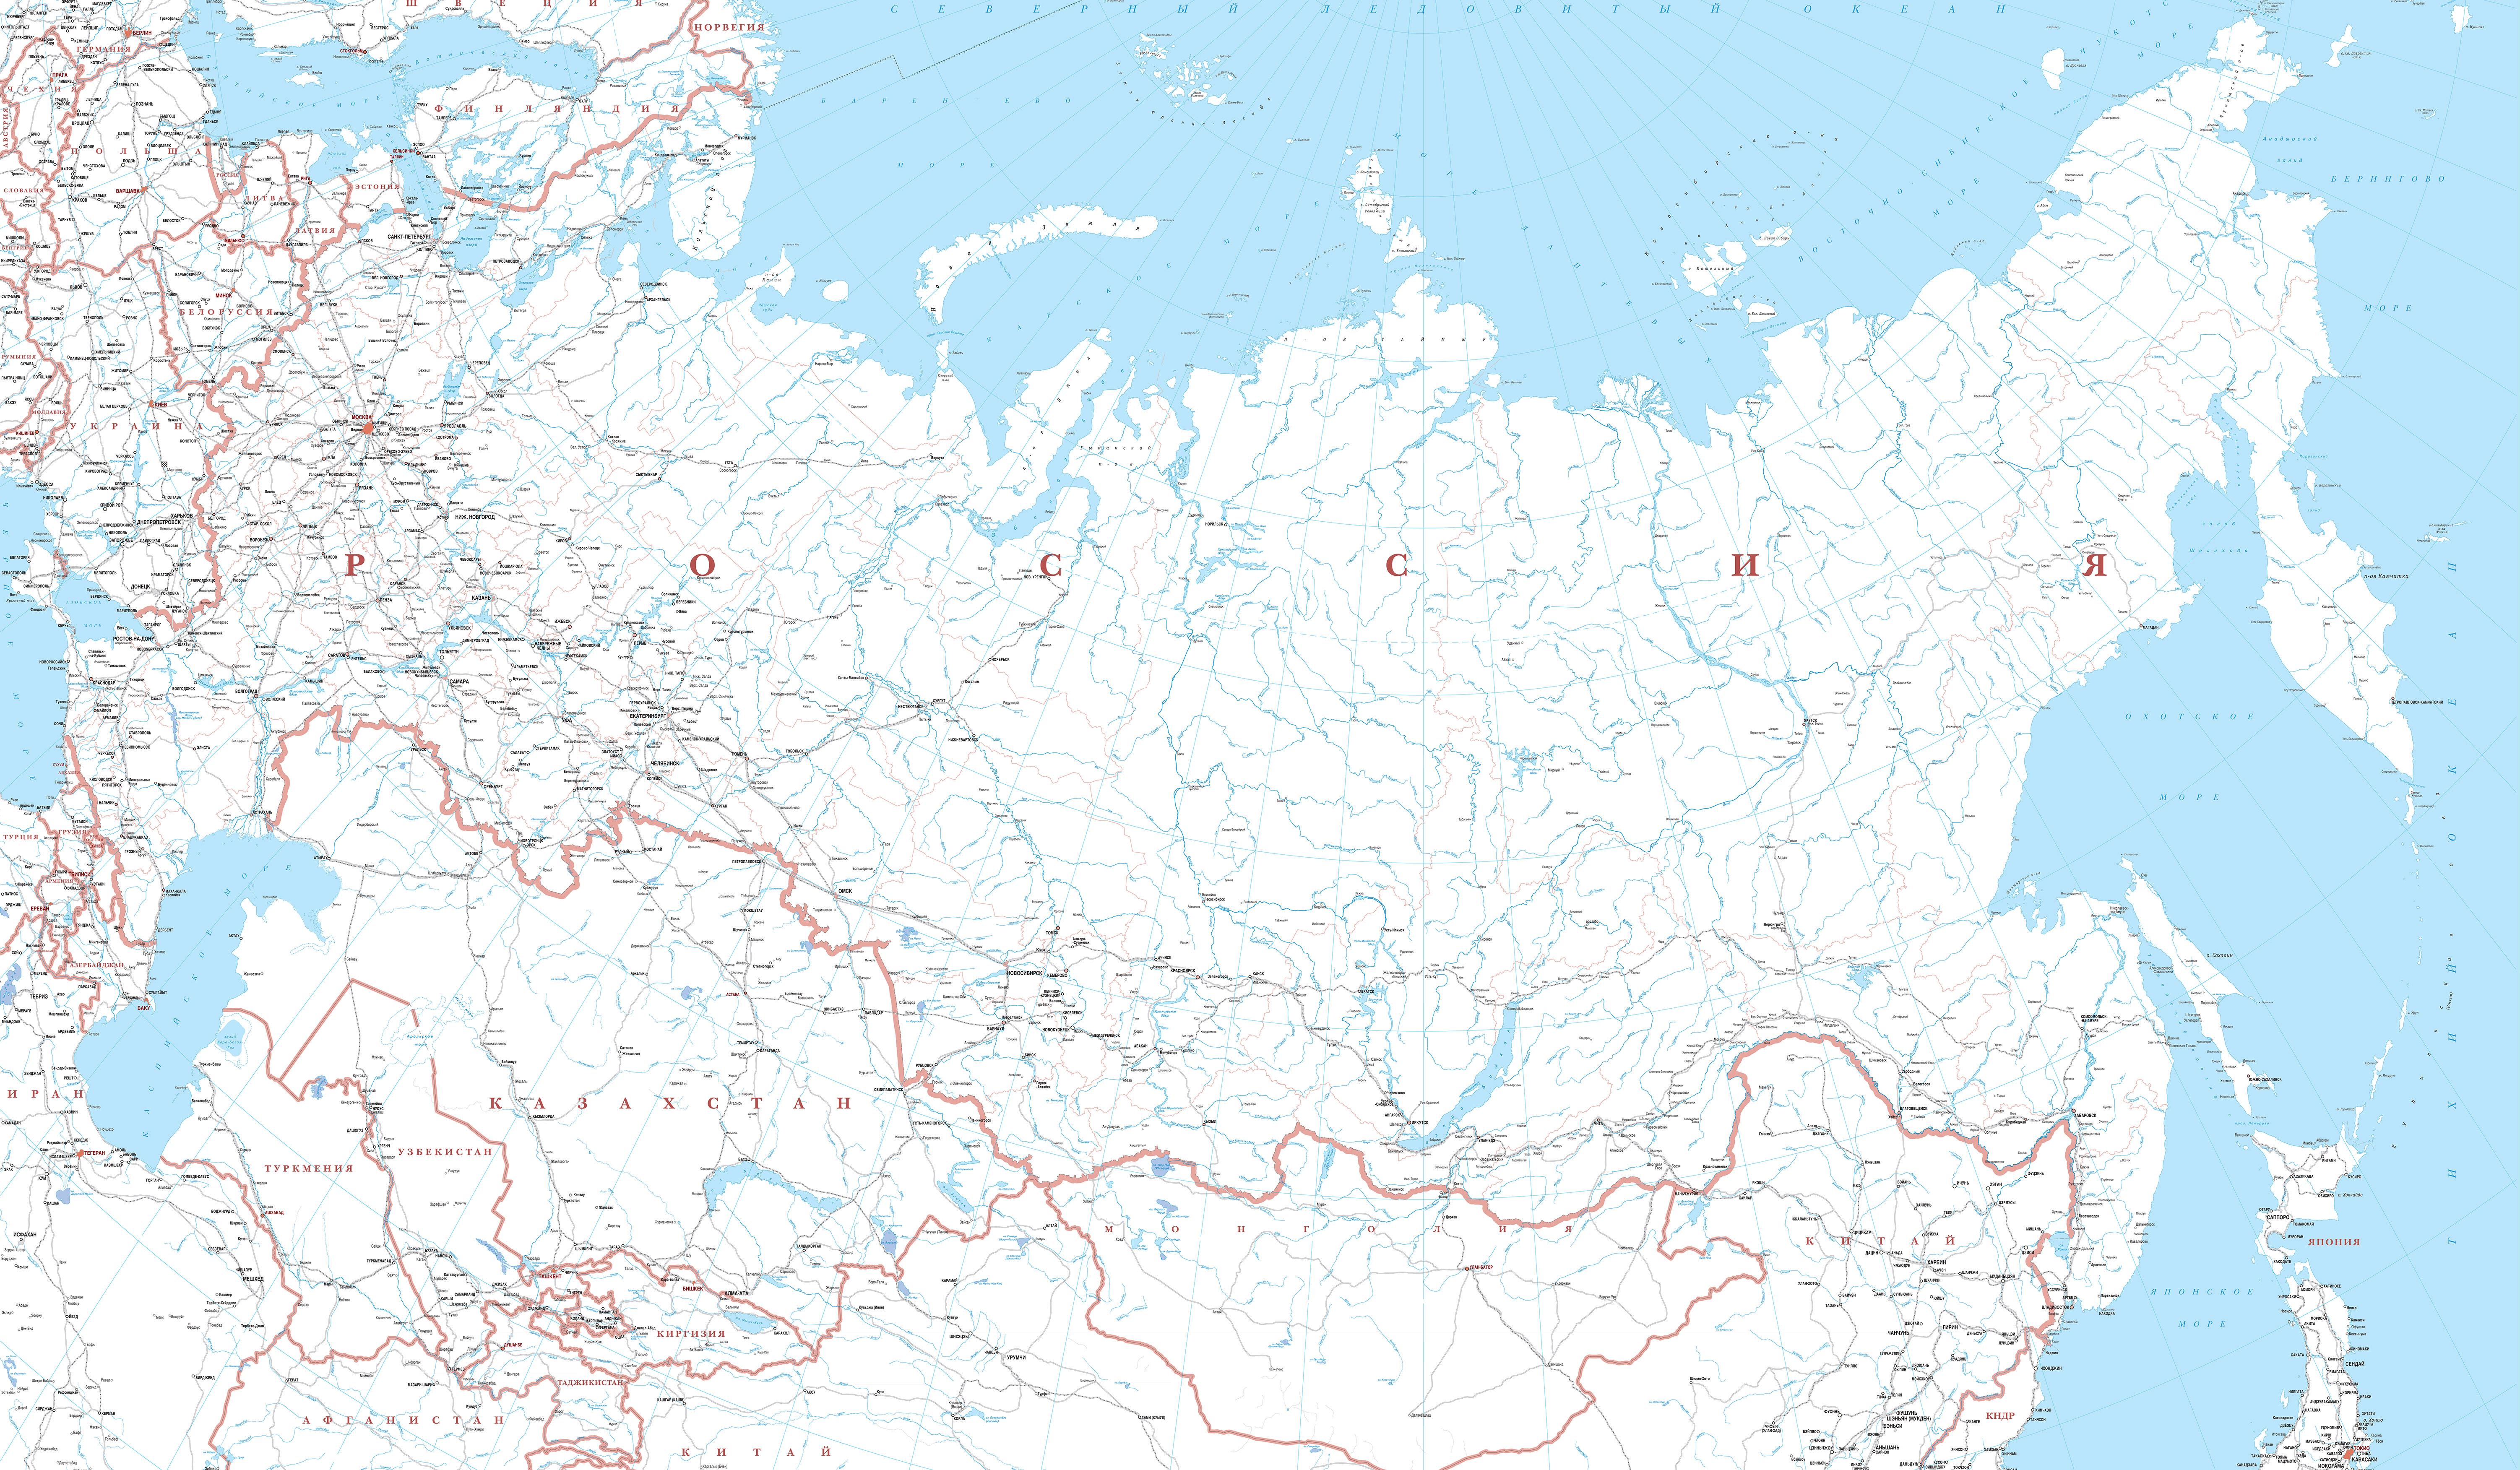 контурная карта россии фото что покров залог